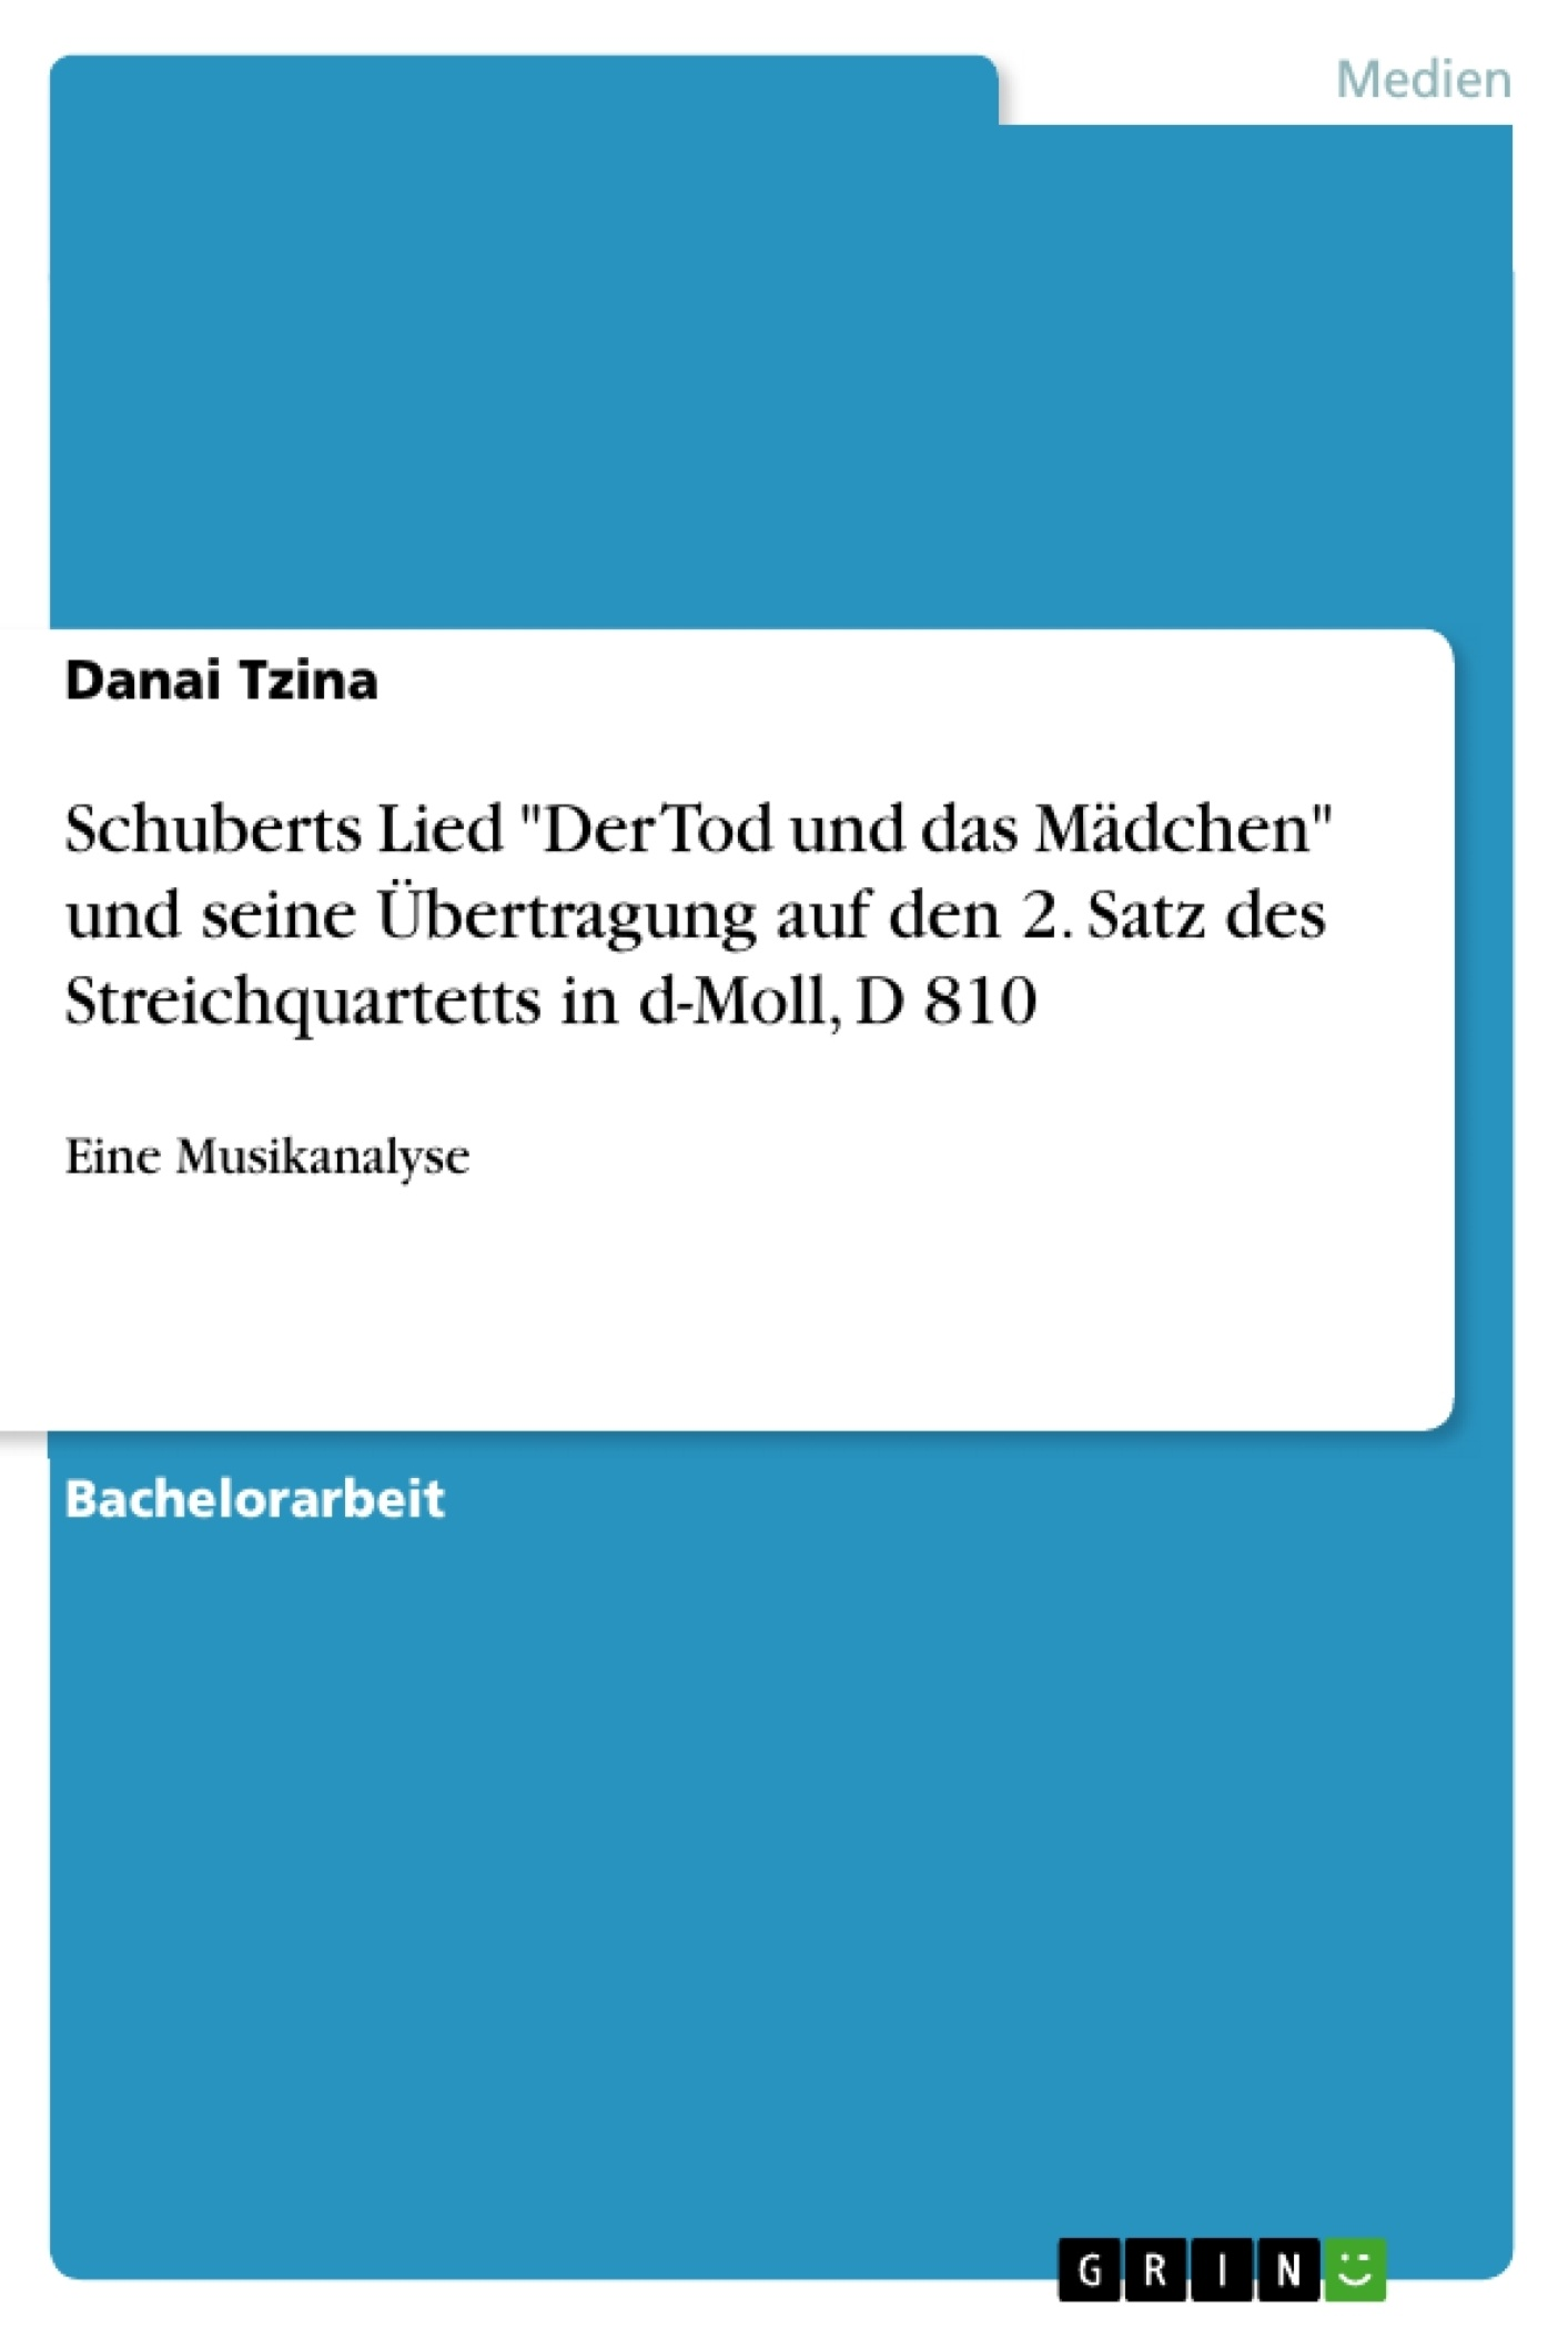 """Titel: Schuberts Lied """"Der Tod und das Mädchen"""" und seine Übertragung auf den 2. Satz des Streichquartetts in d-Moll, D 810"""